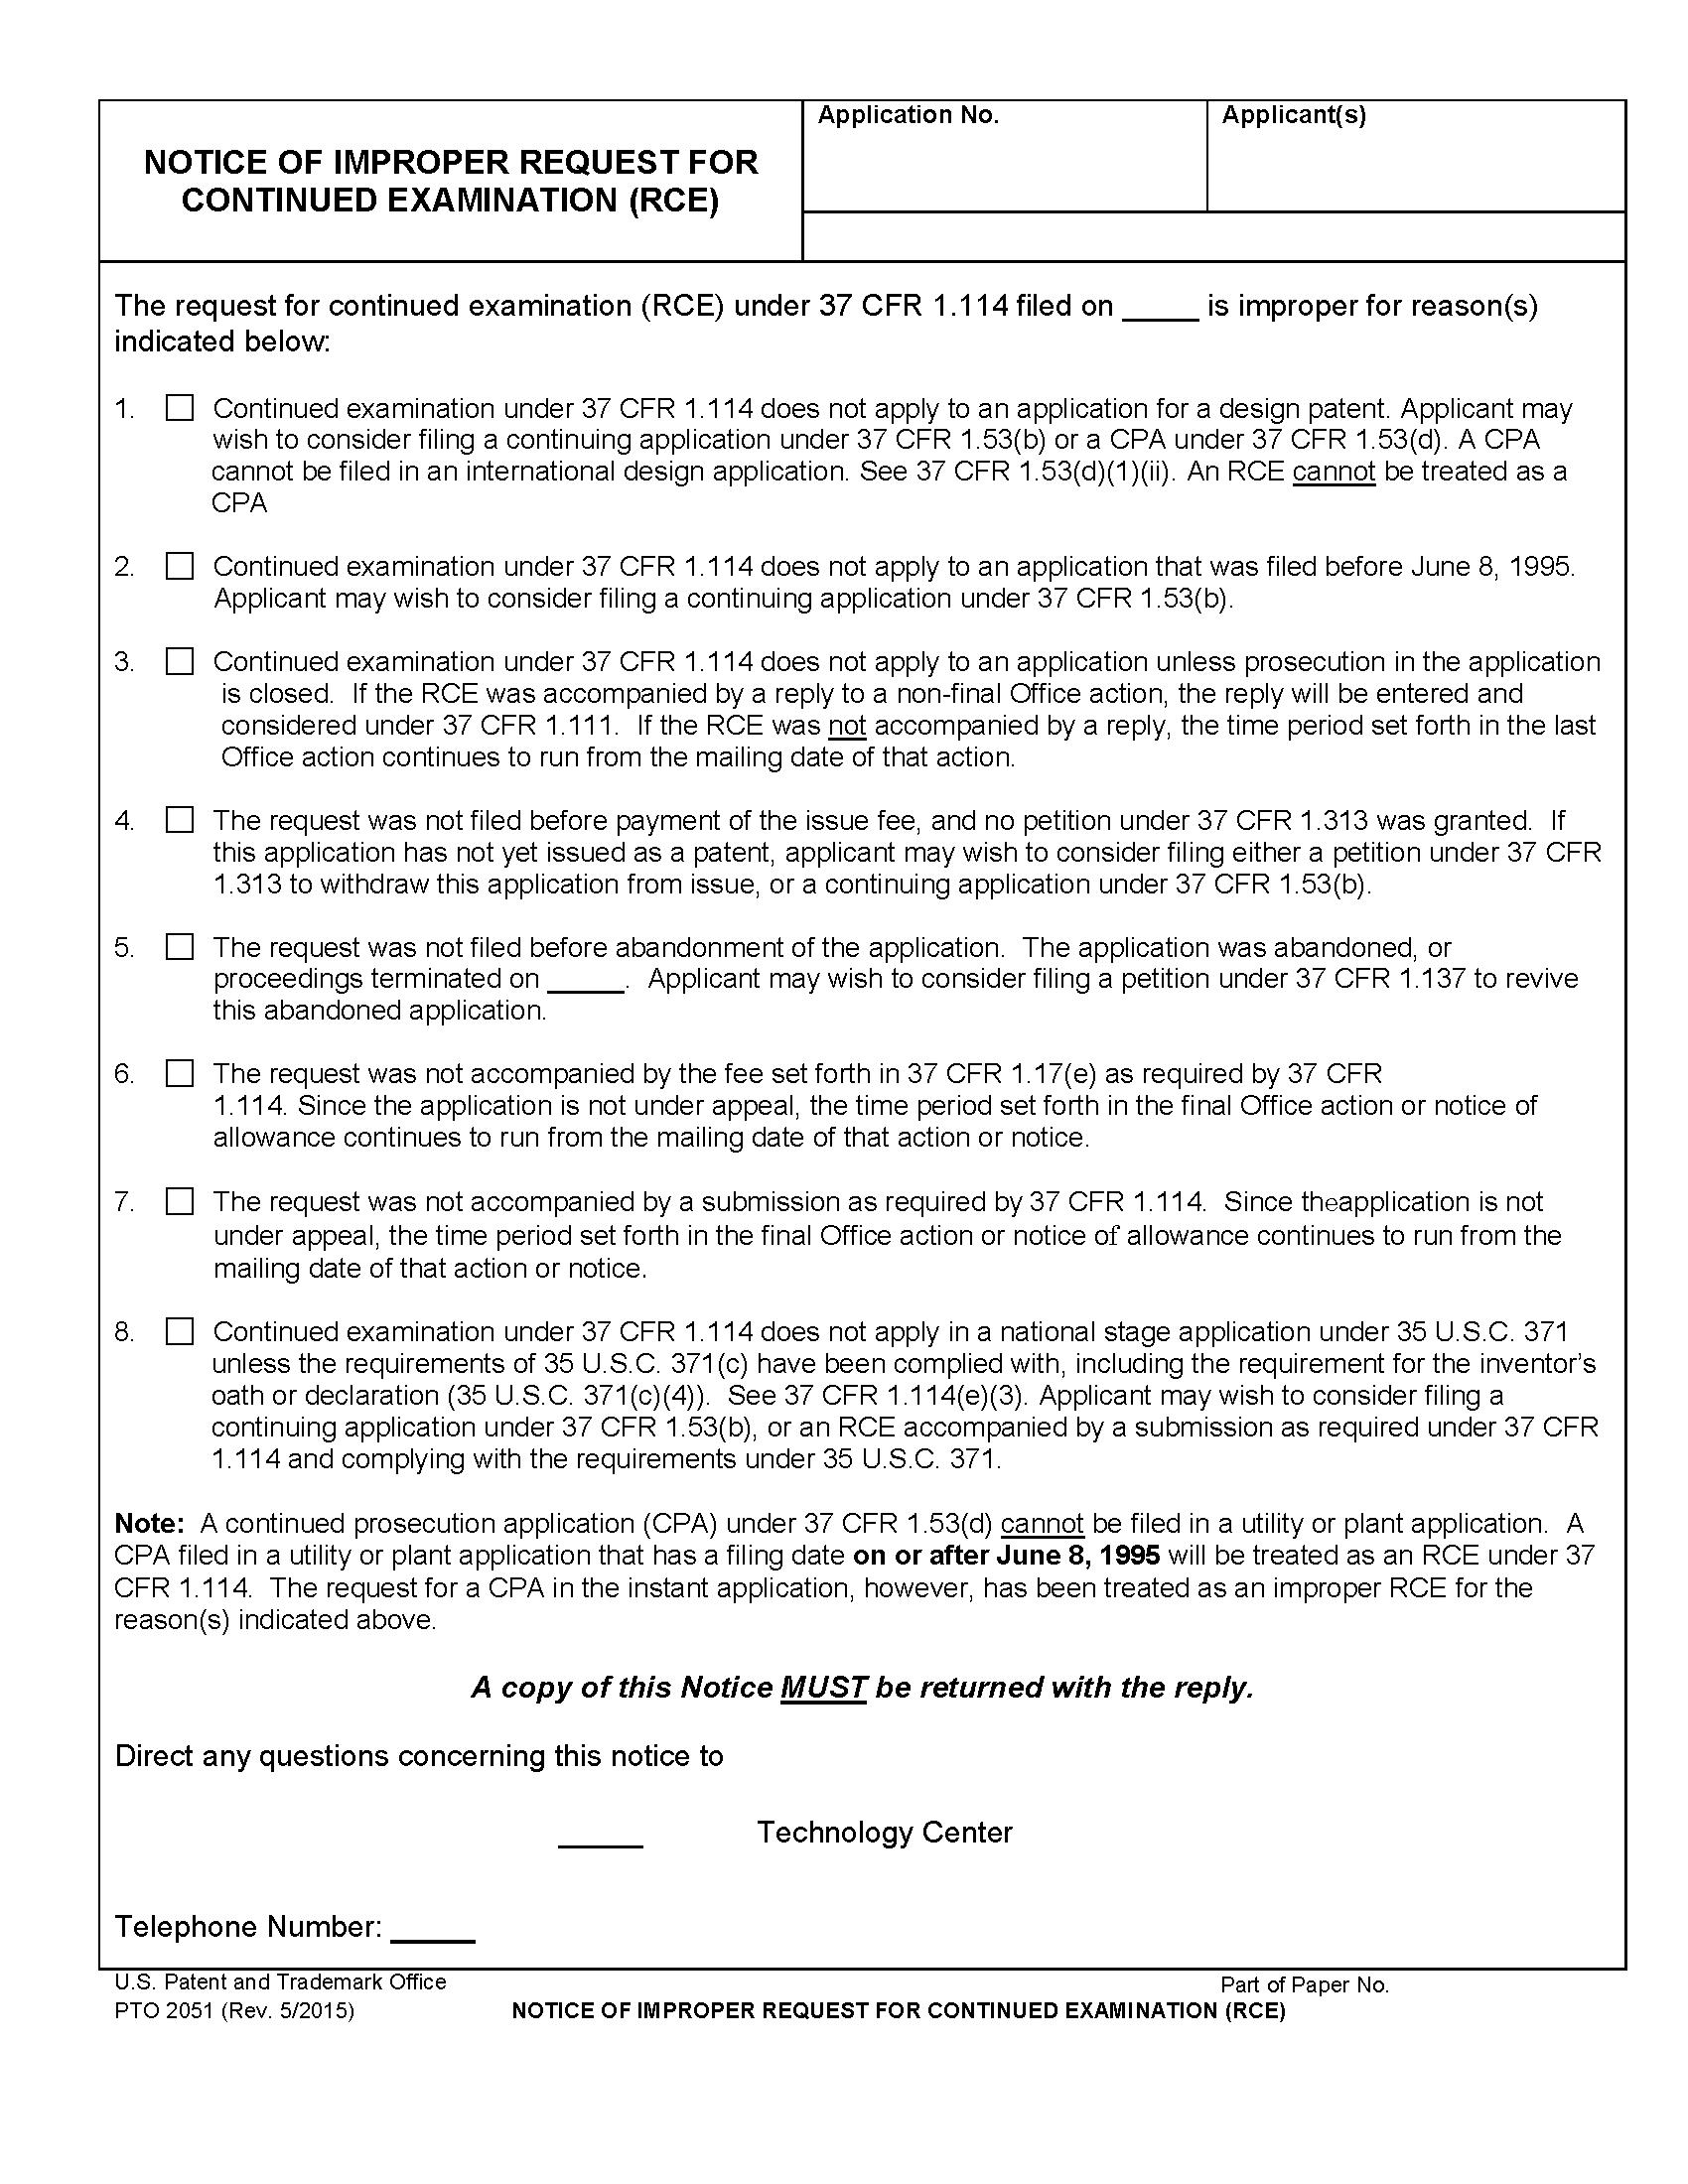 Custom Essay Order  cover letter patent